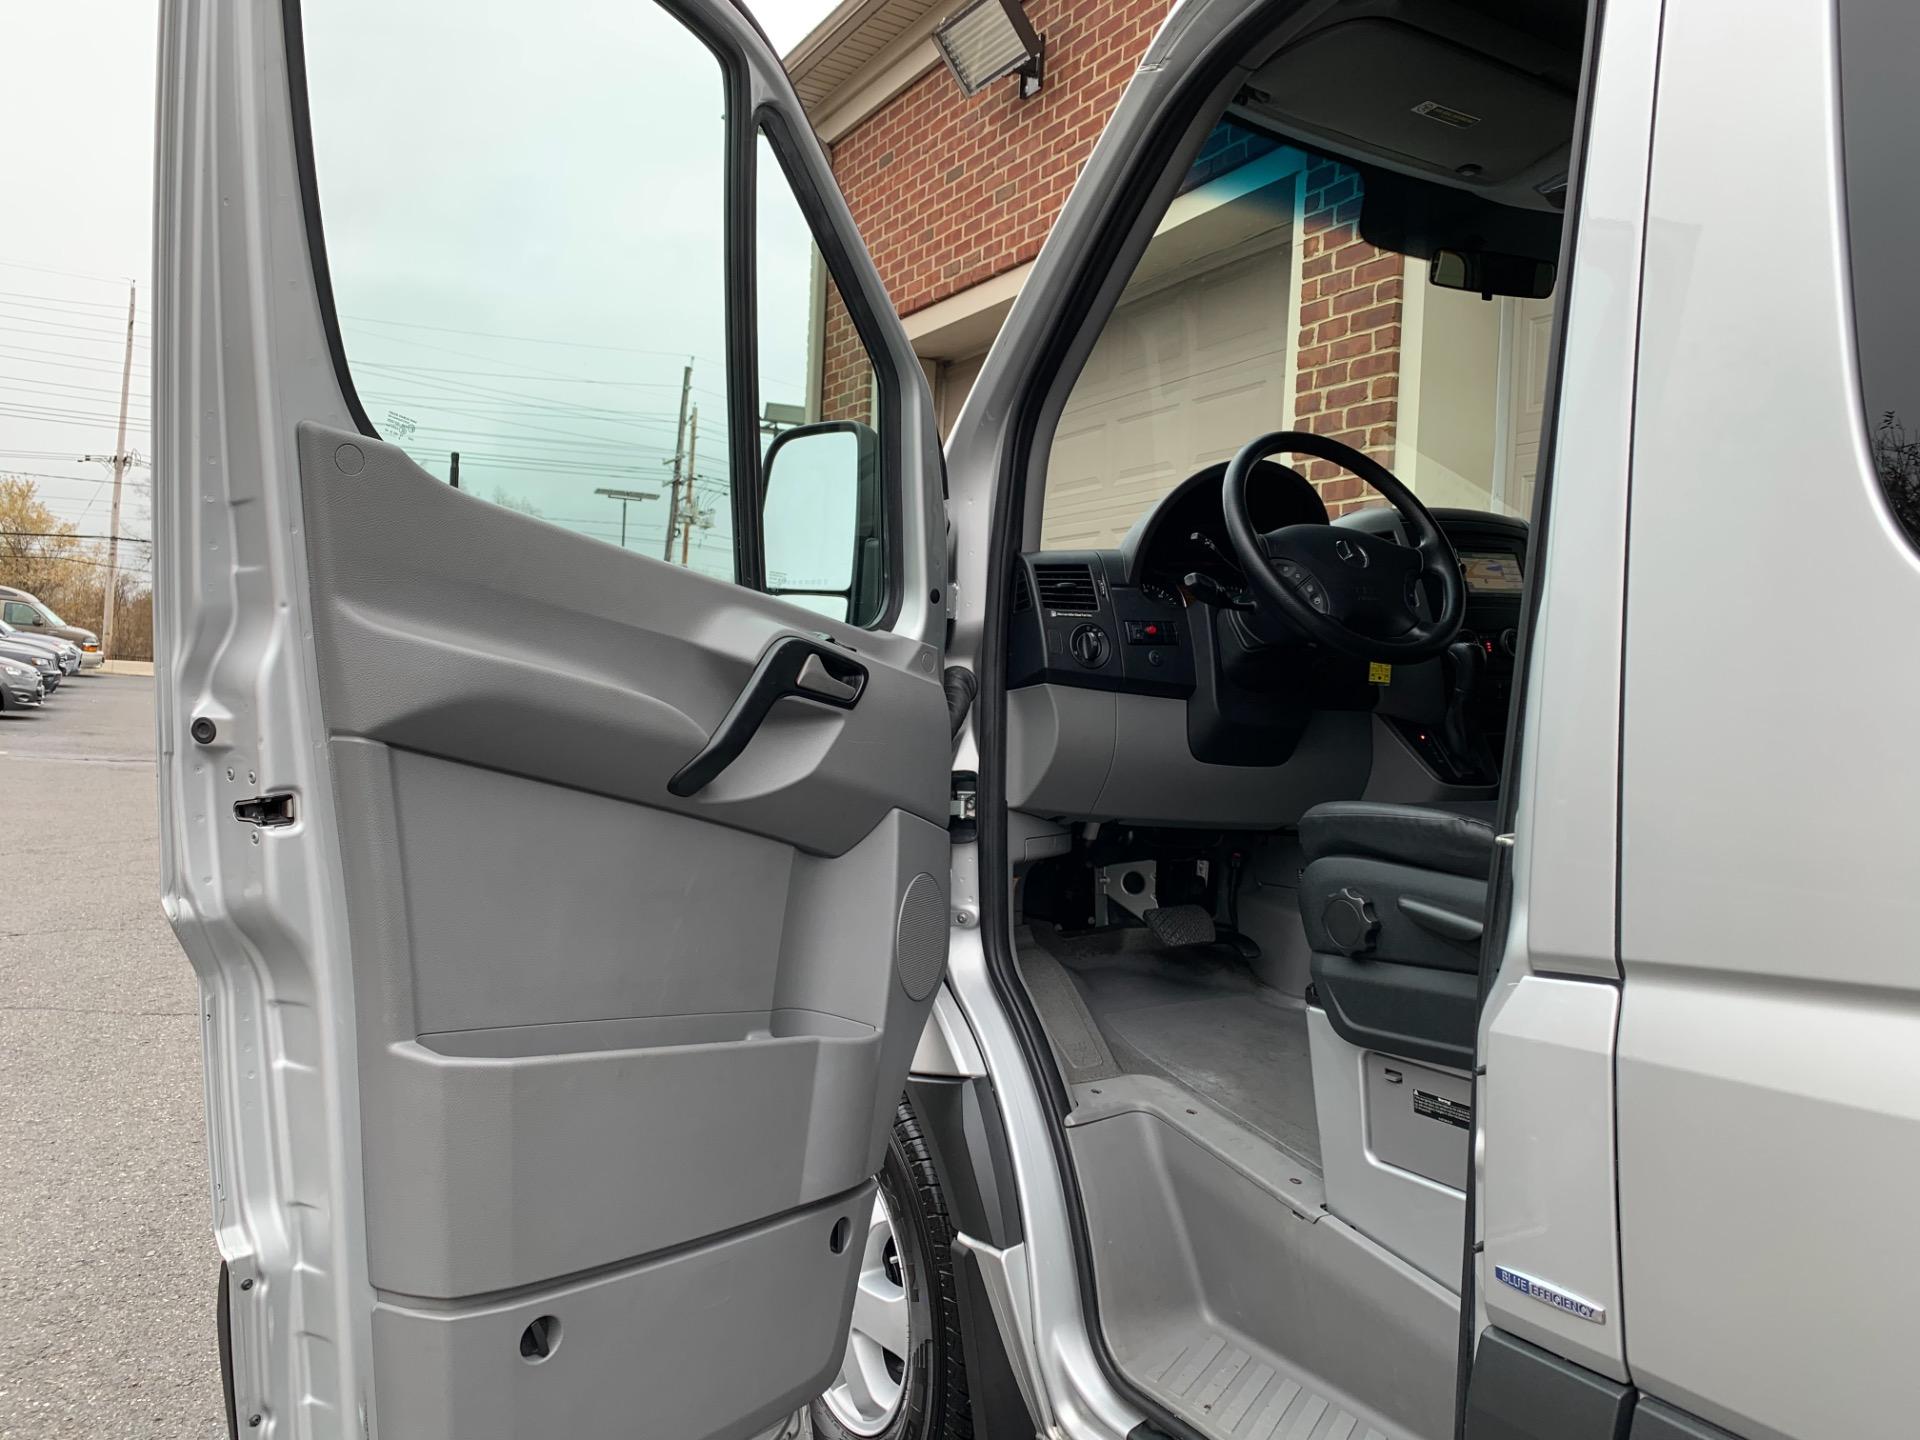 Used-2011-Mercedes-Benz-Sprinter-Passenger-2500-Diesel